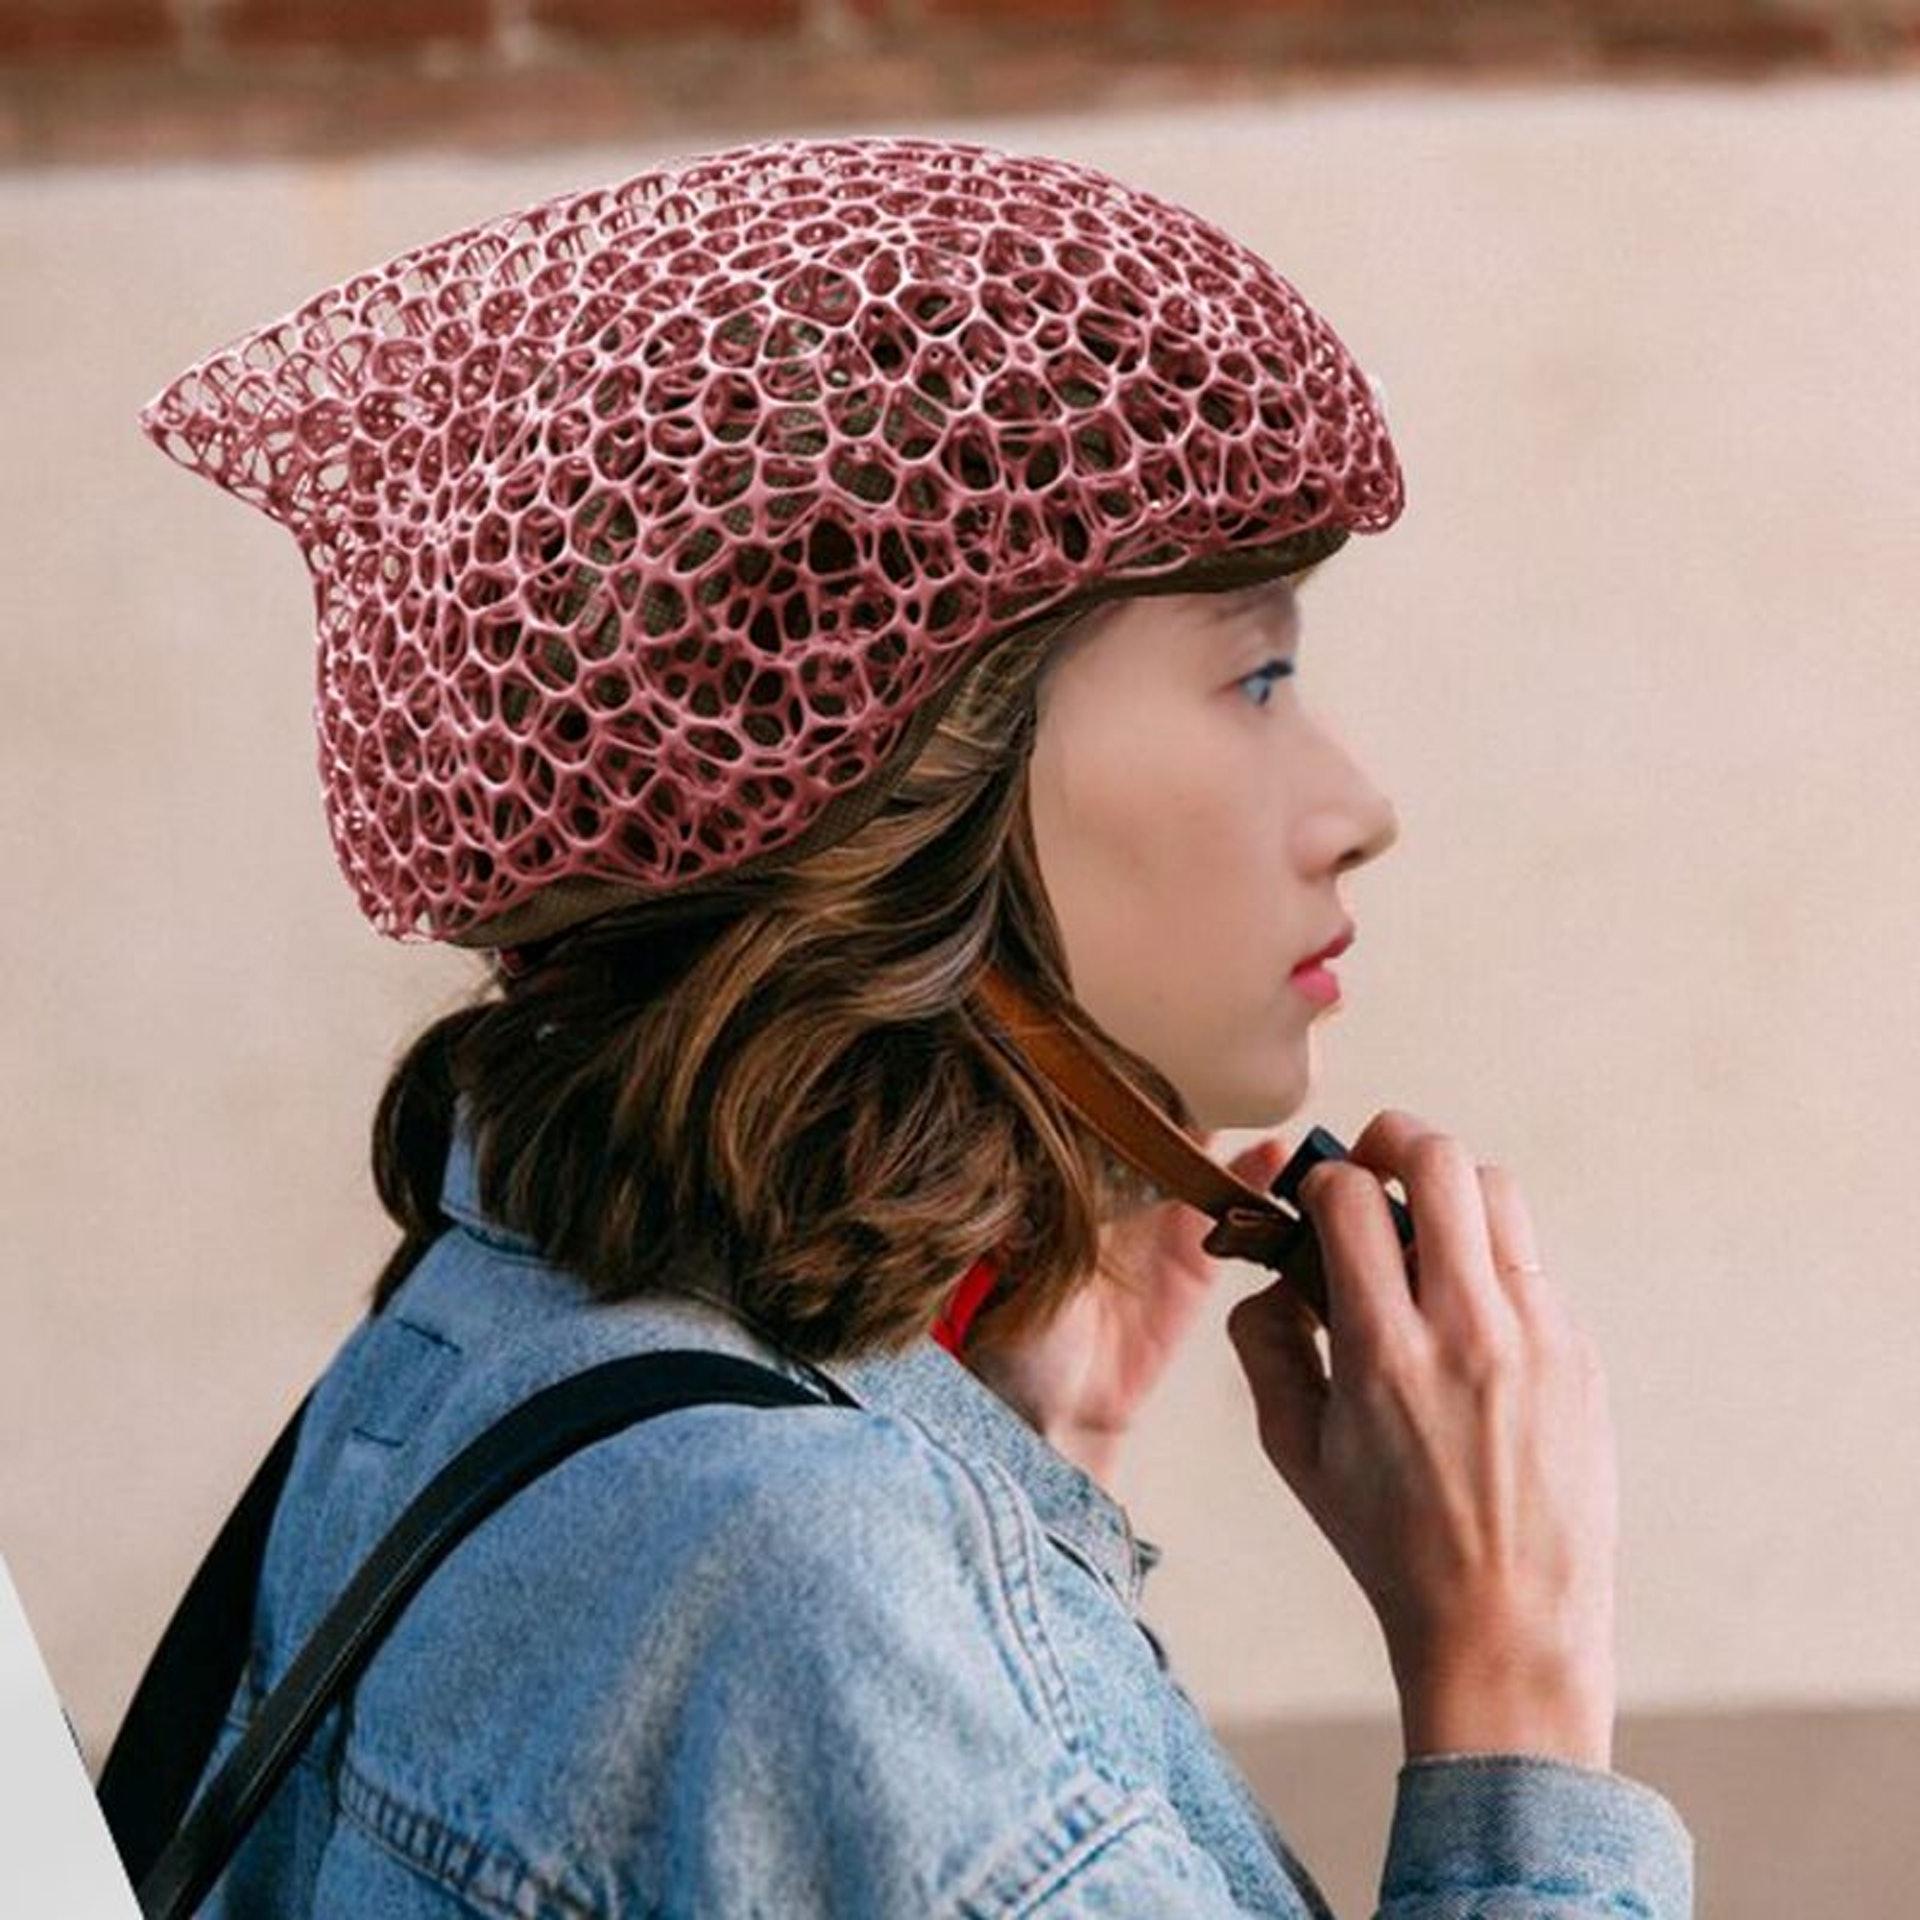 單車頭盔「Voronoi」(網上圖片)